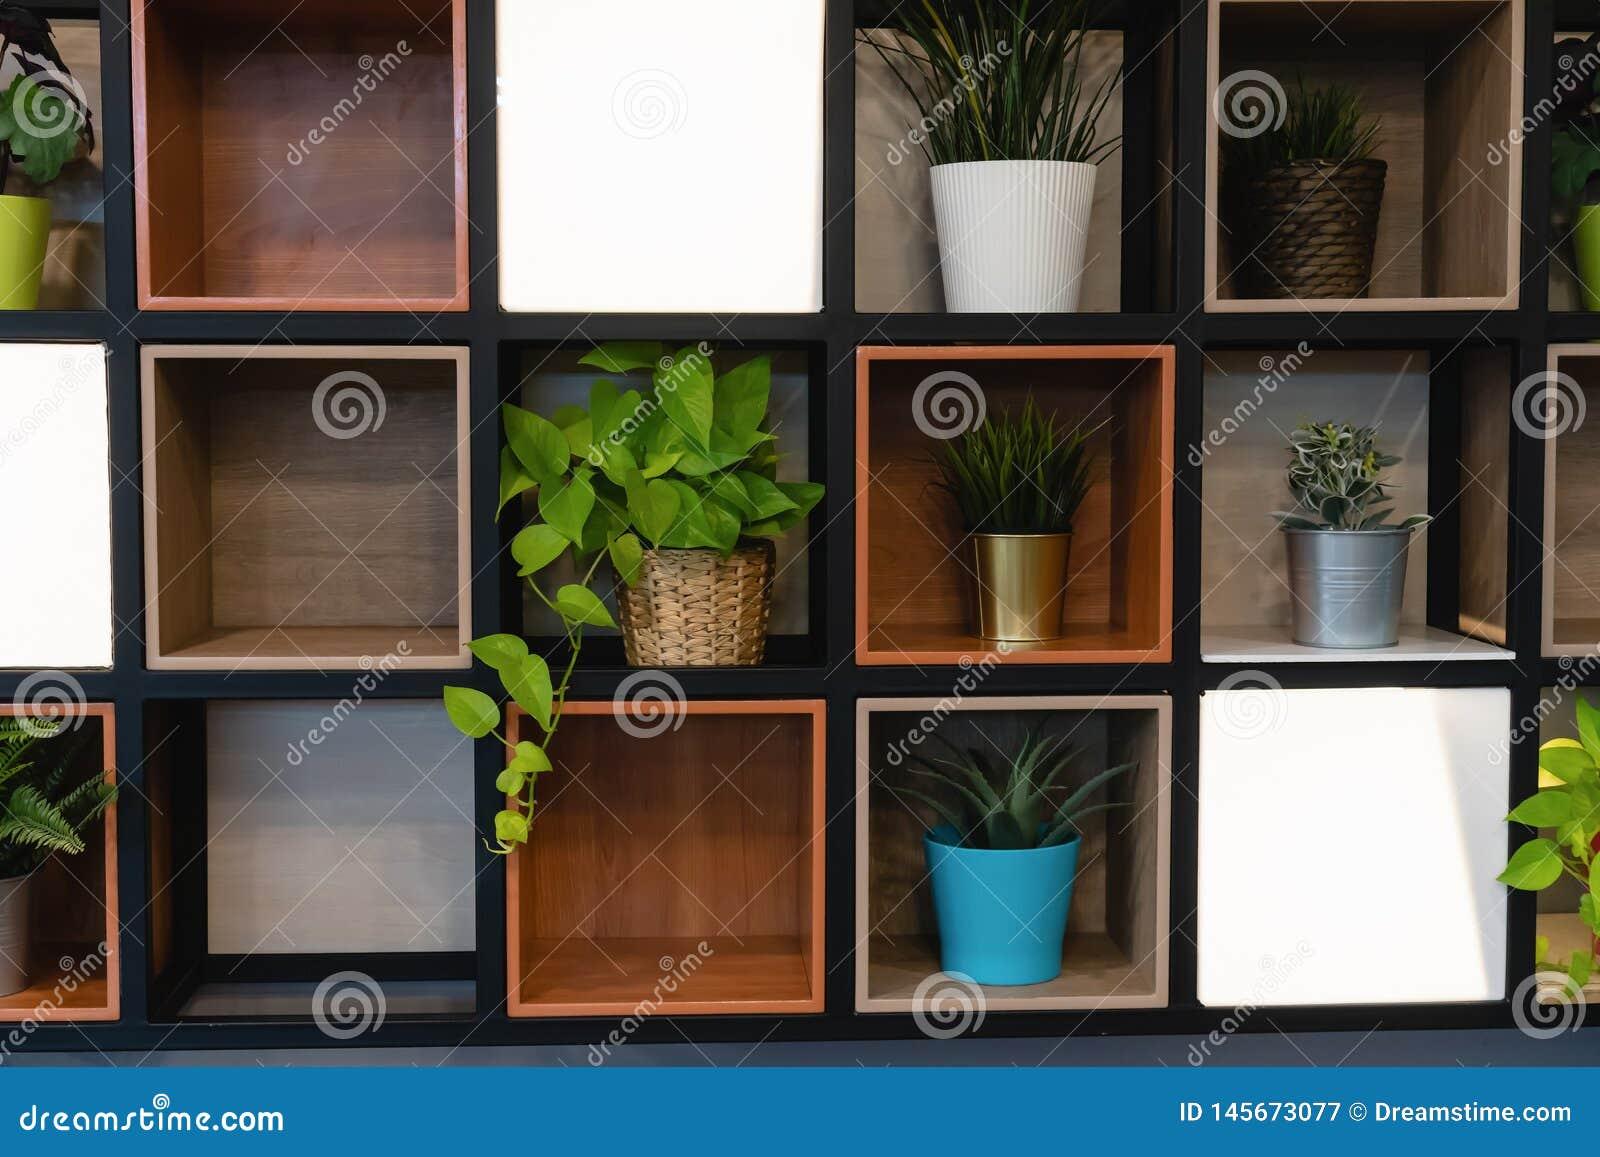 Blumentöpfe gesetzt auf das hölzerne Regal befestigt zur Wand